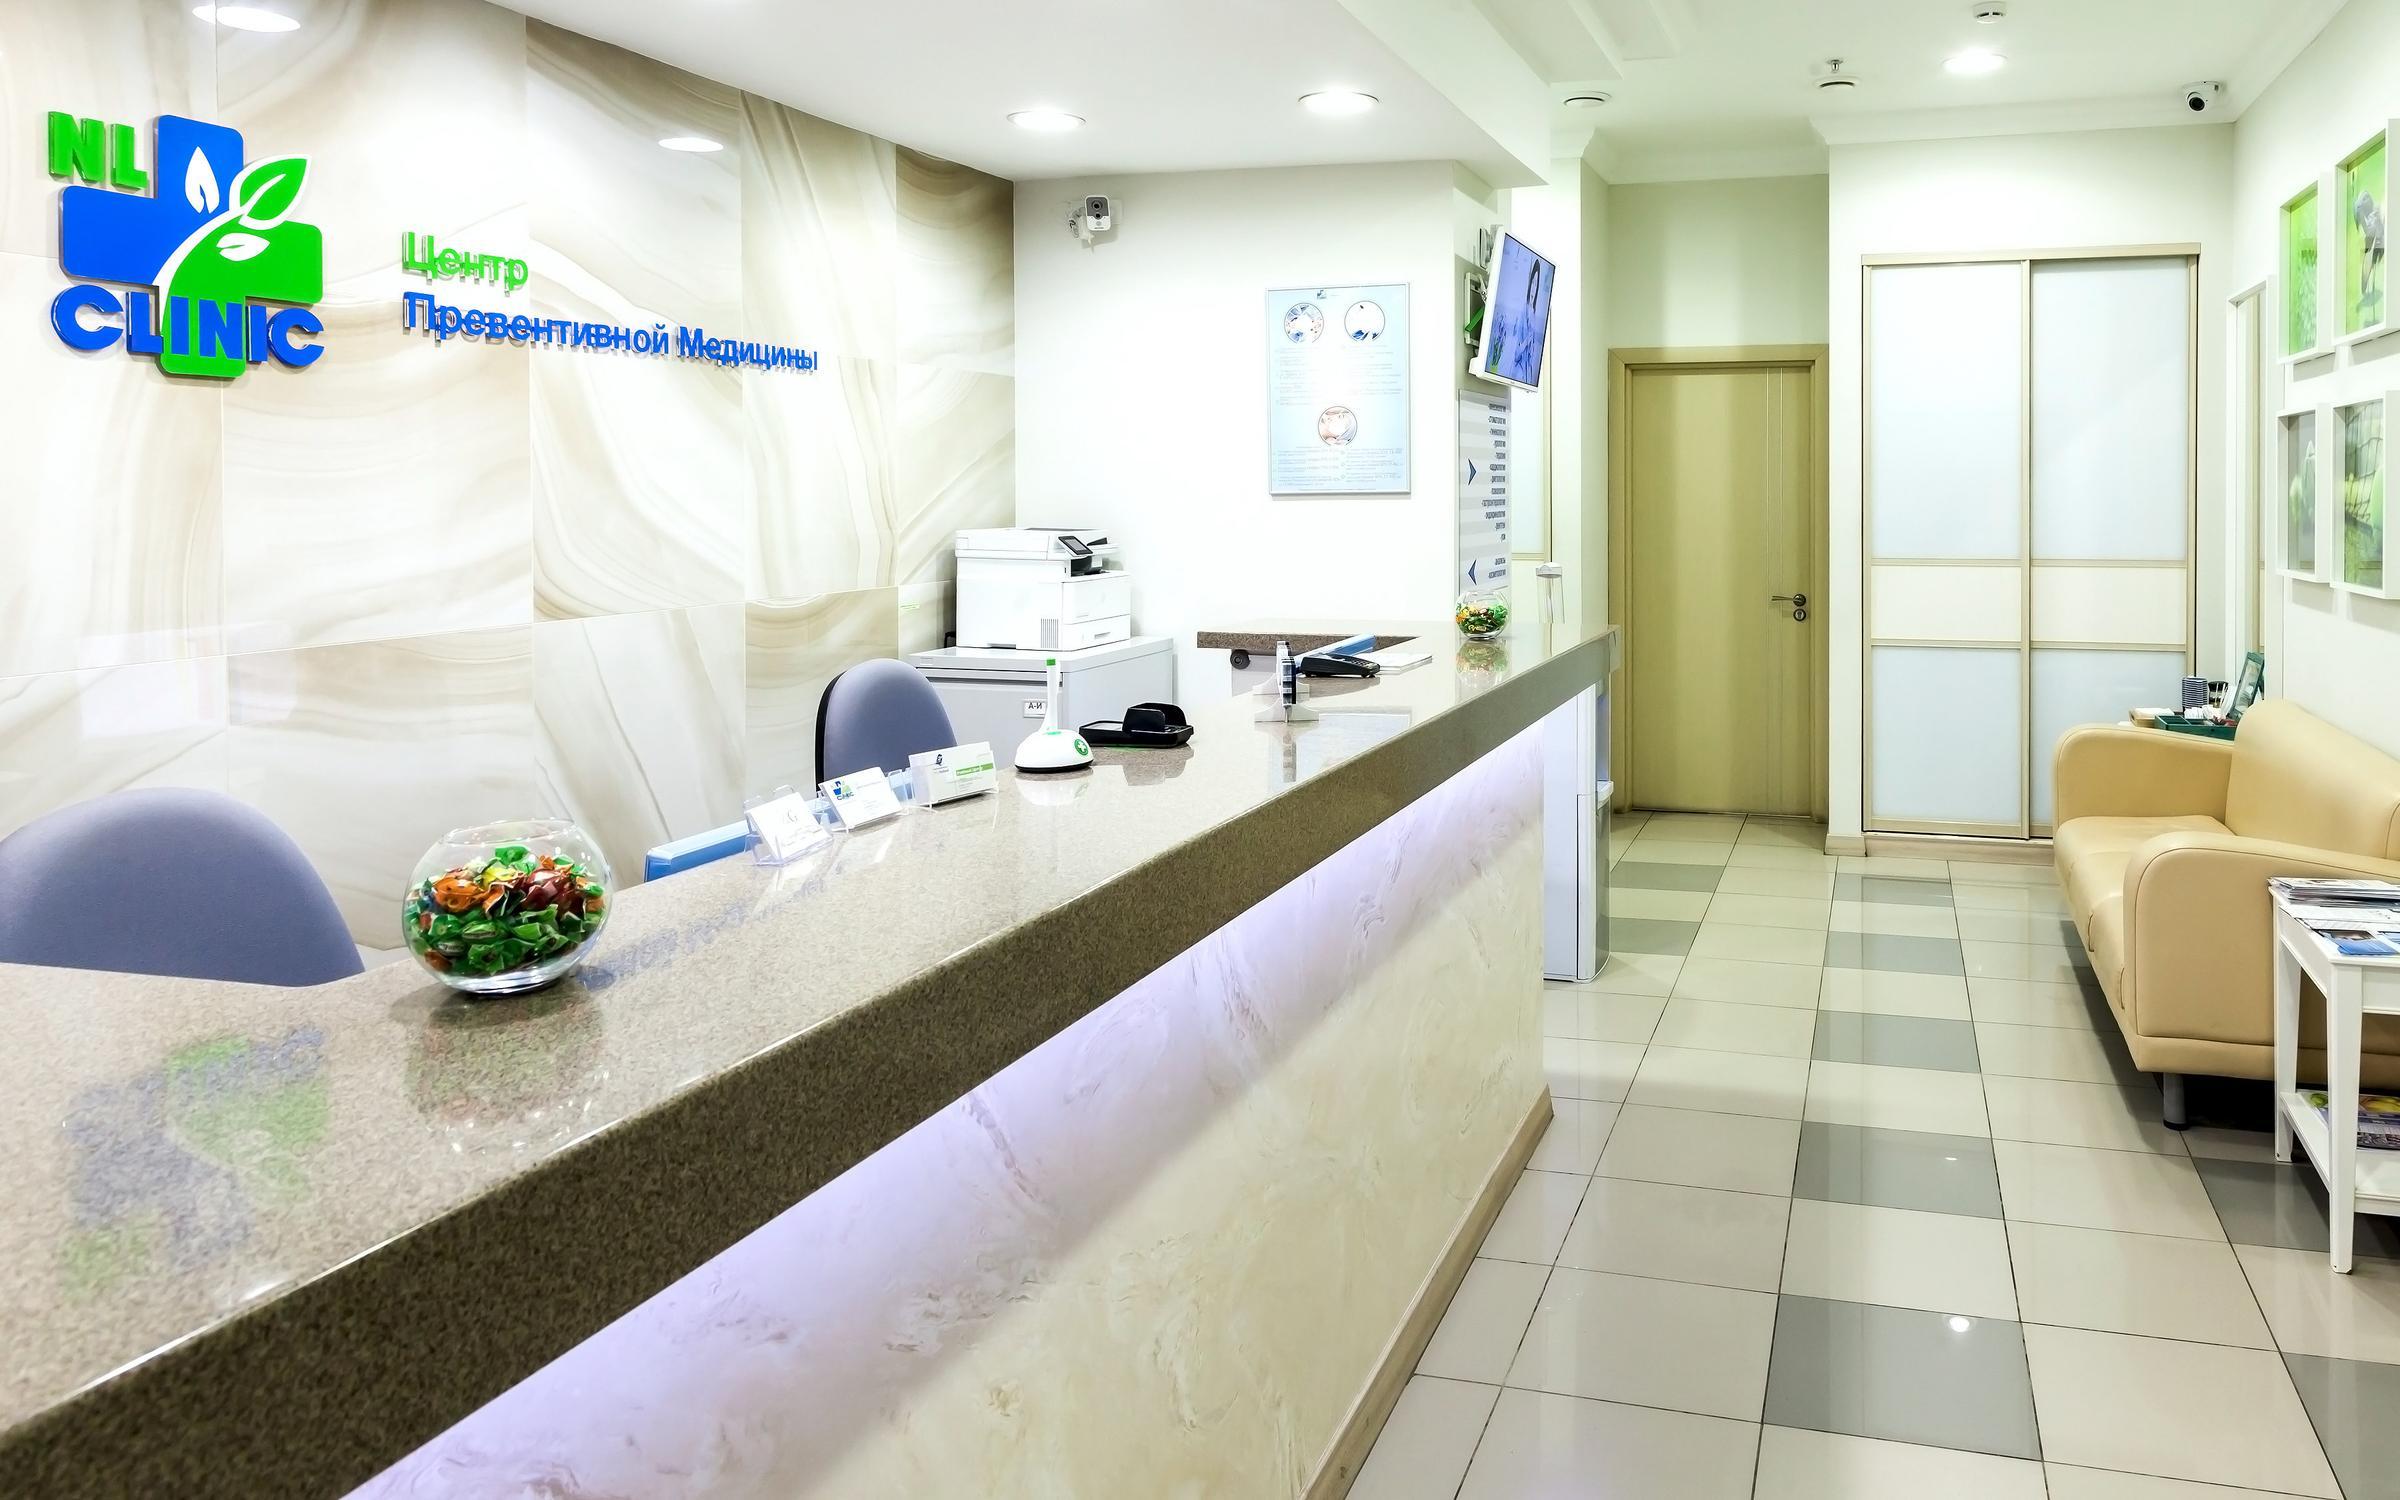 фотография Центра превентивной медицины NL-Clinic на Профсоюзной улице